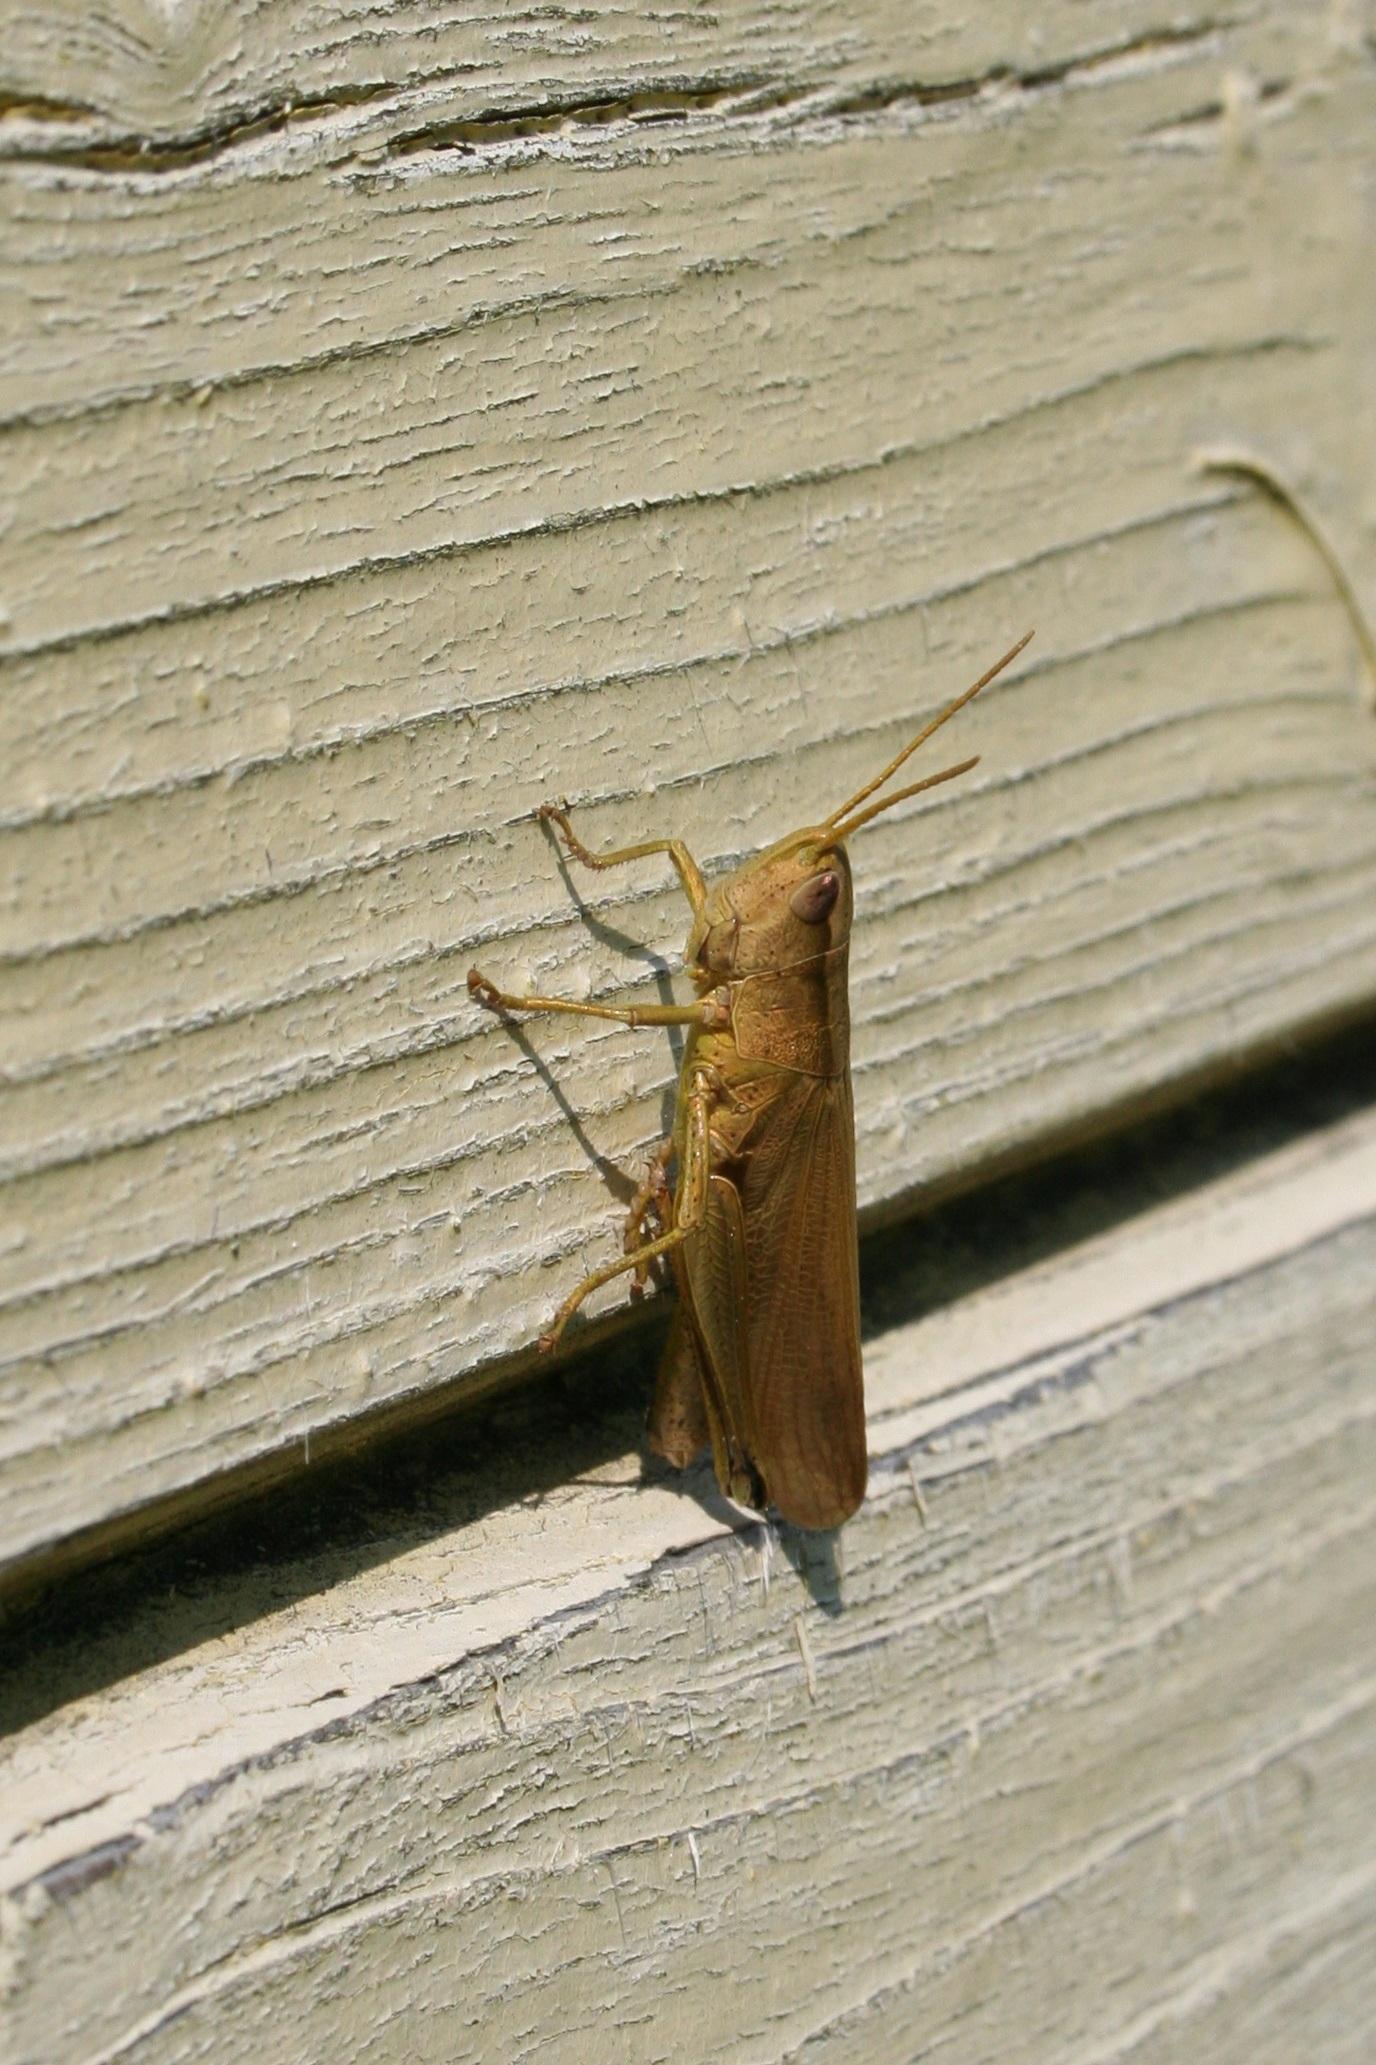 Fotos Gratis Ala Madera Hoja Insecto Polilla Fauna  ~ Como Son Las Polillas De La Madera